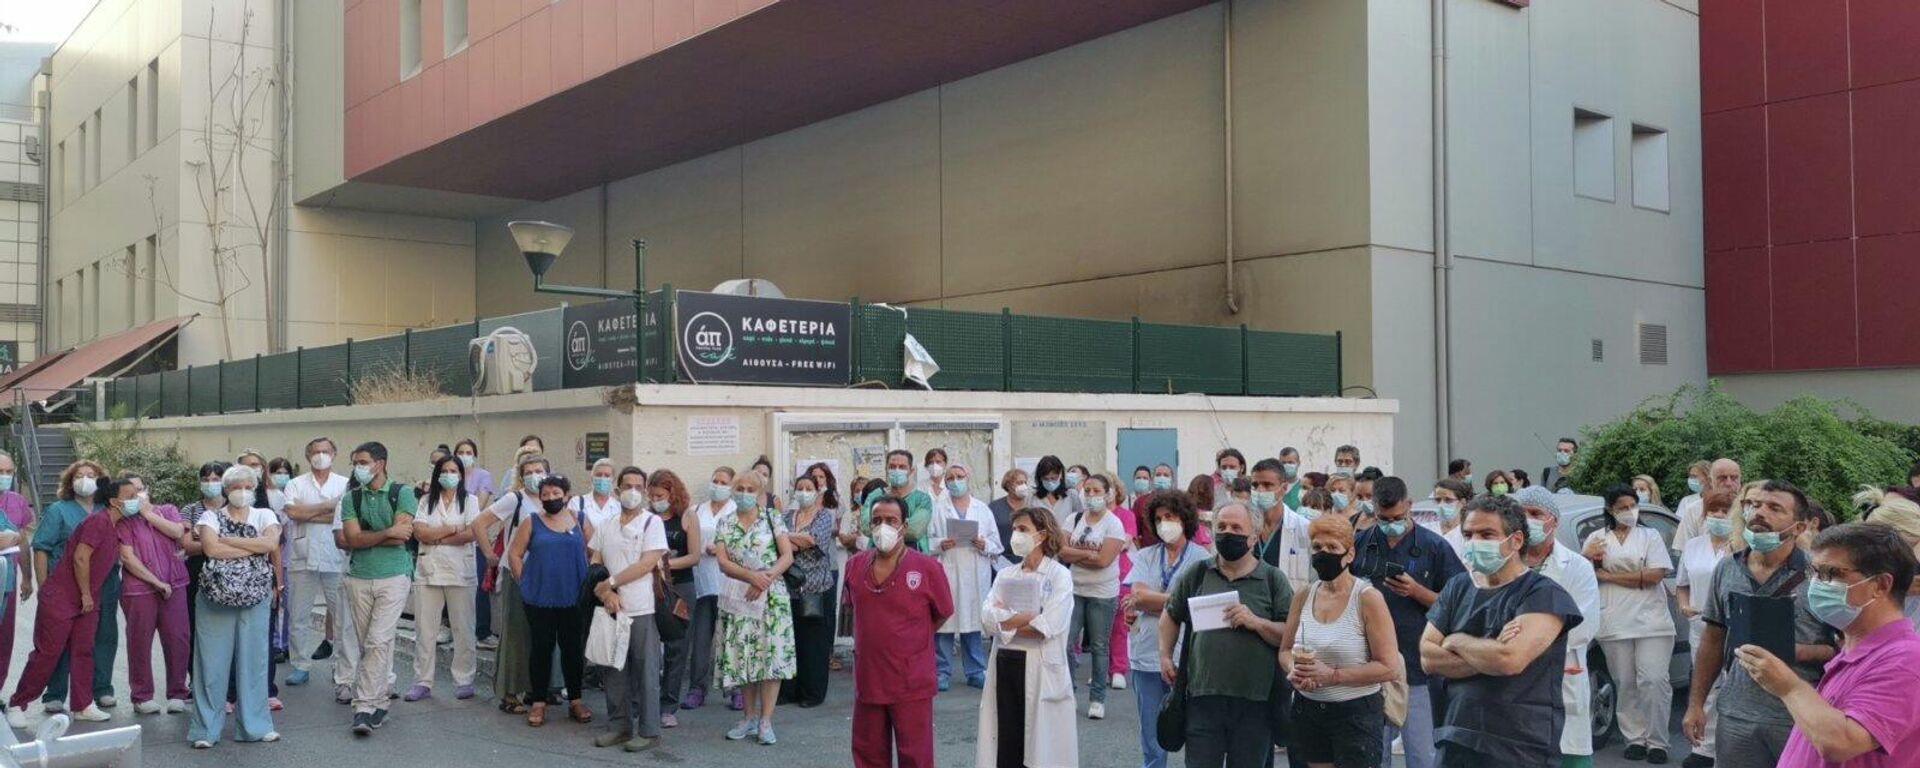 Διαμαρτυρία εργαζομένων στον Ευαγγελισμό για την αναστολή εργασίας λόγω εμβολιασμού - Sputnik Ελλάδα, 1920, 01.09.2021